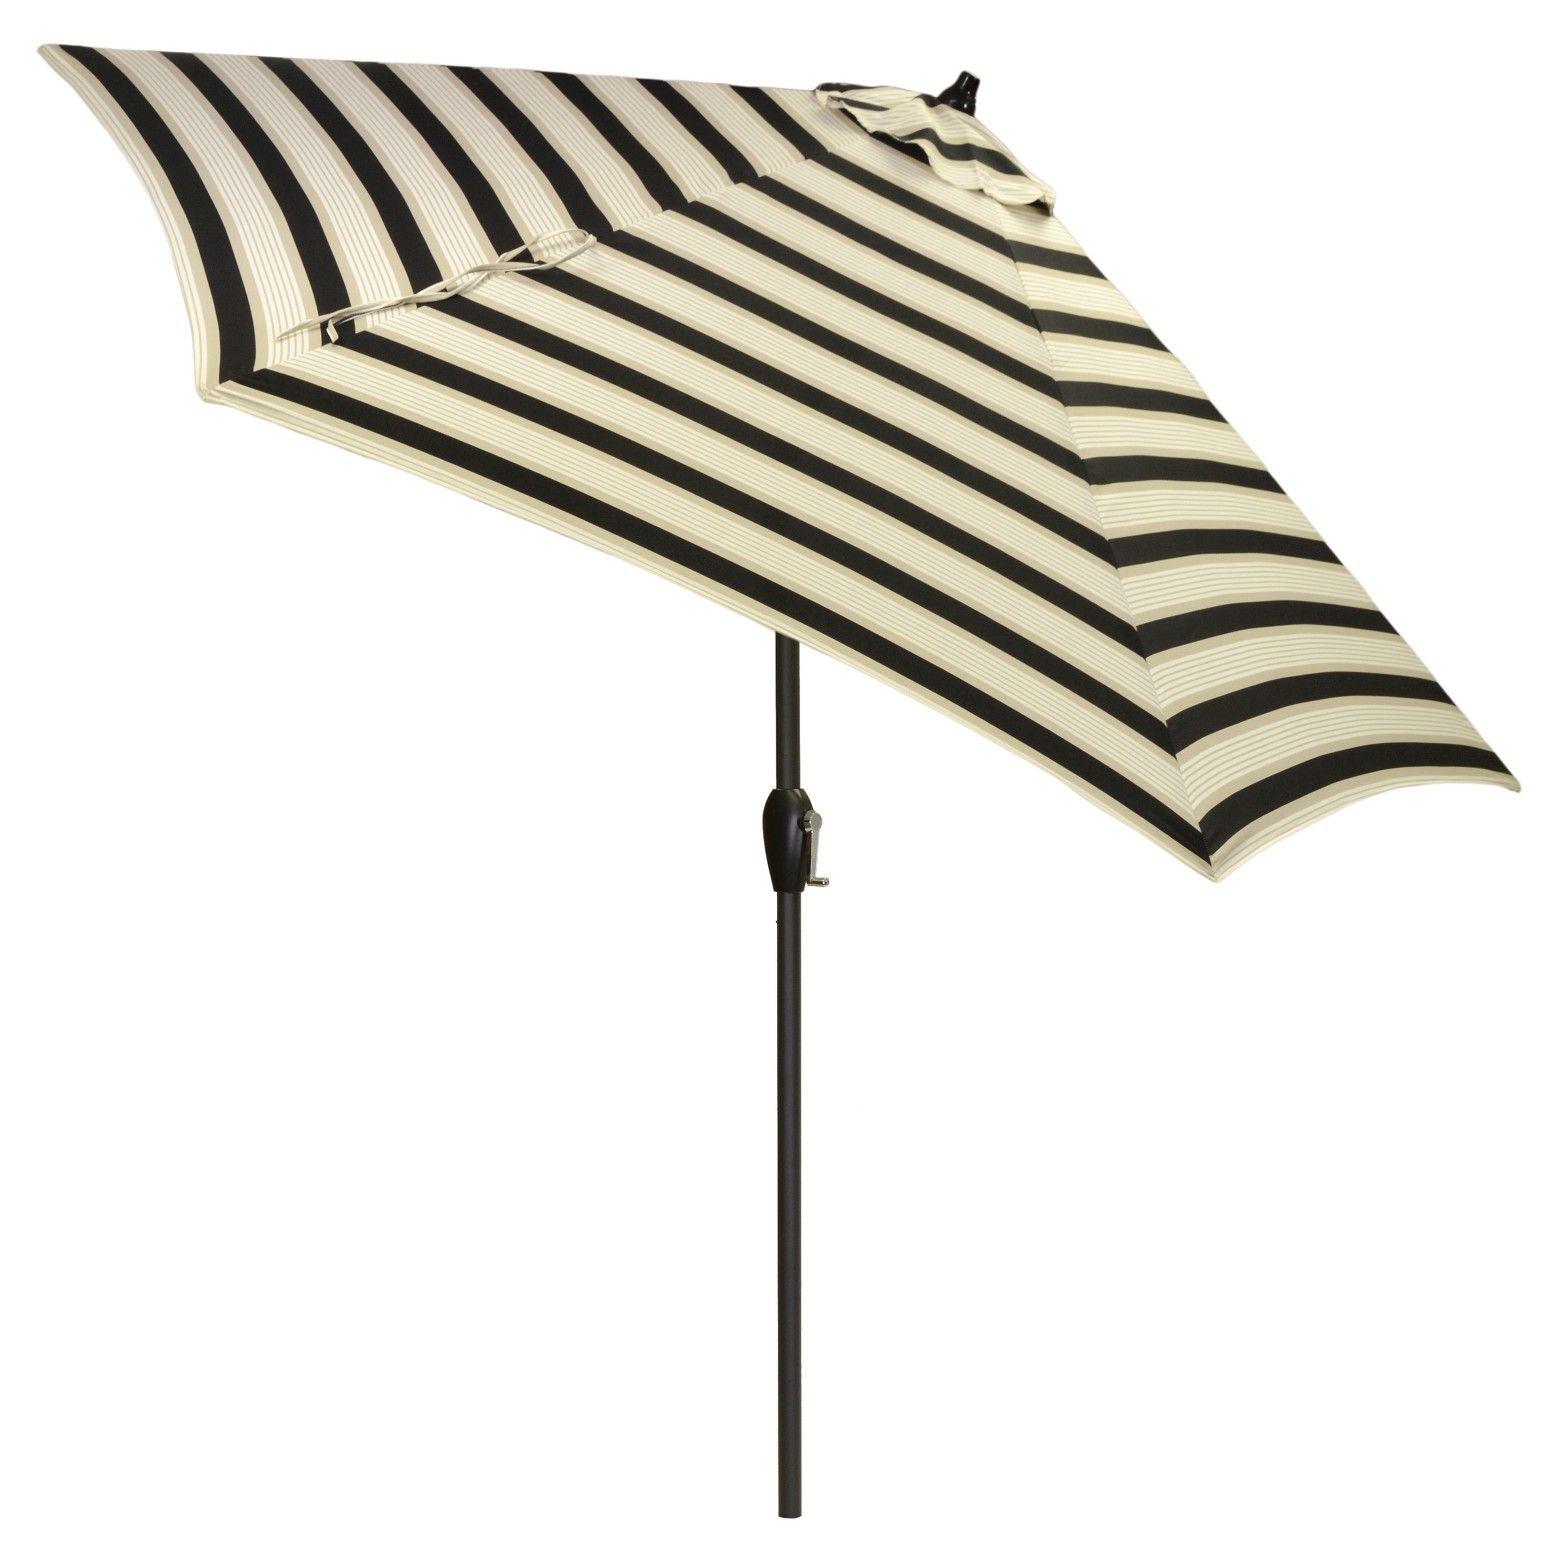 Target Patio Umbrella In Black And Beige Stripes Patio Umbrella